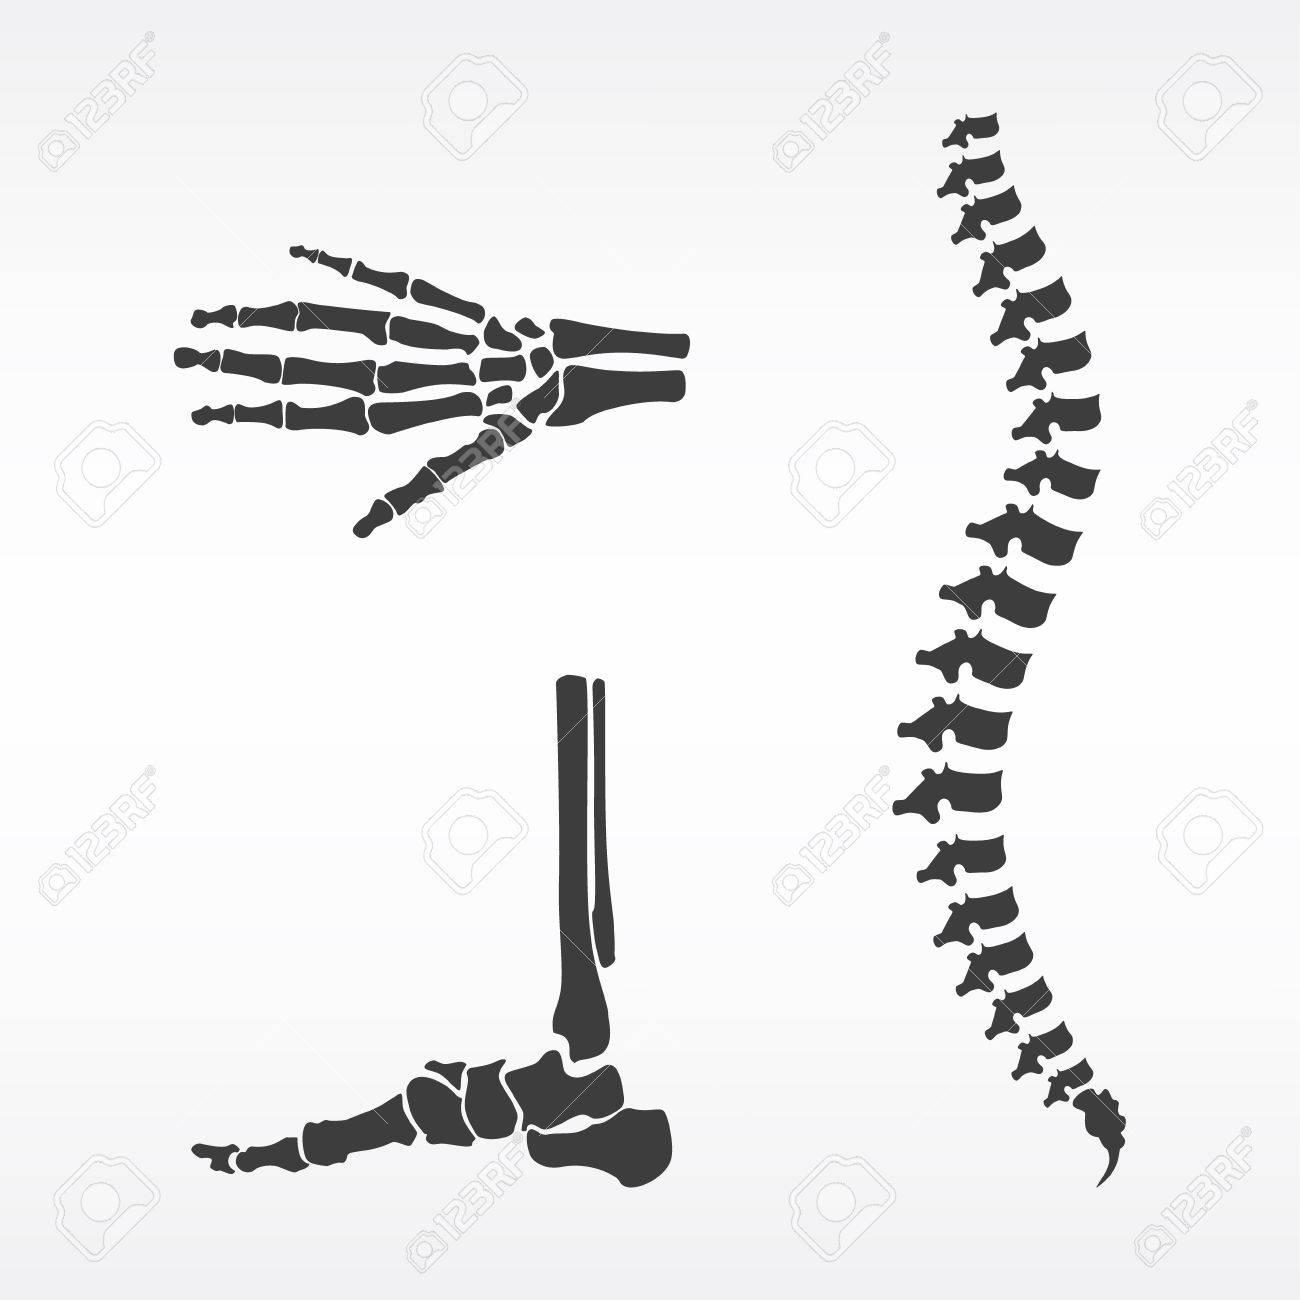 Raster-Darstellung Teile Des Menschlichen Skeletts. Menschliche ...